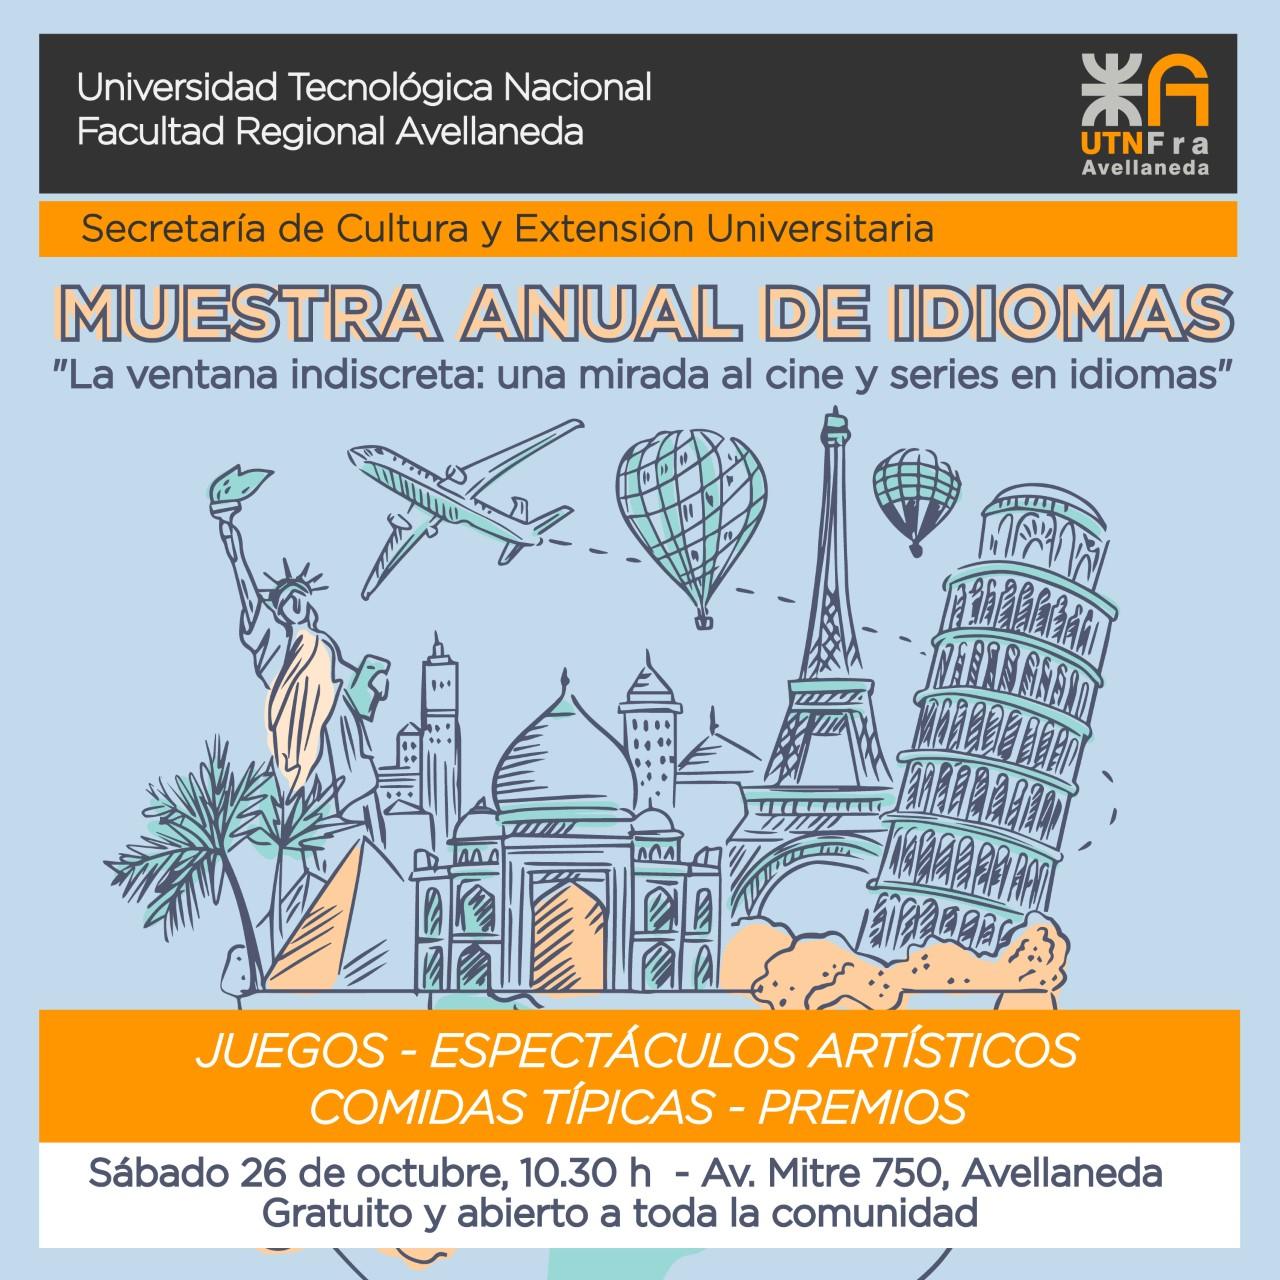 Muestra anual de idiomas